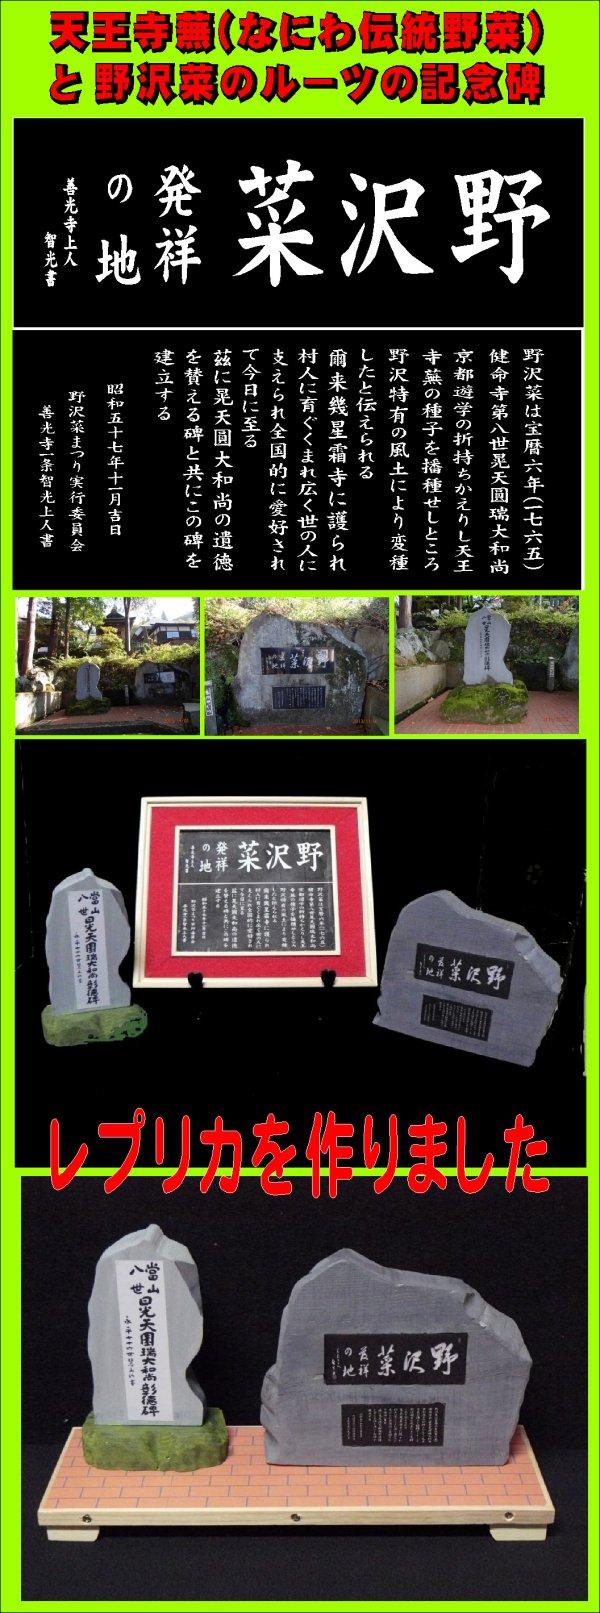 野沢菜ルーツ記念碑